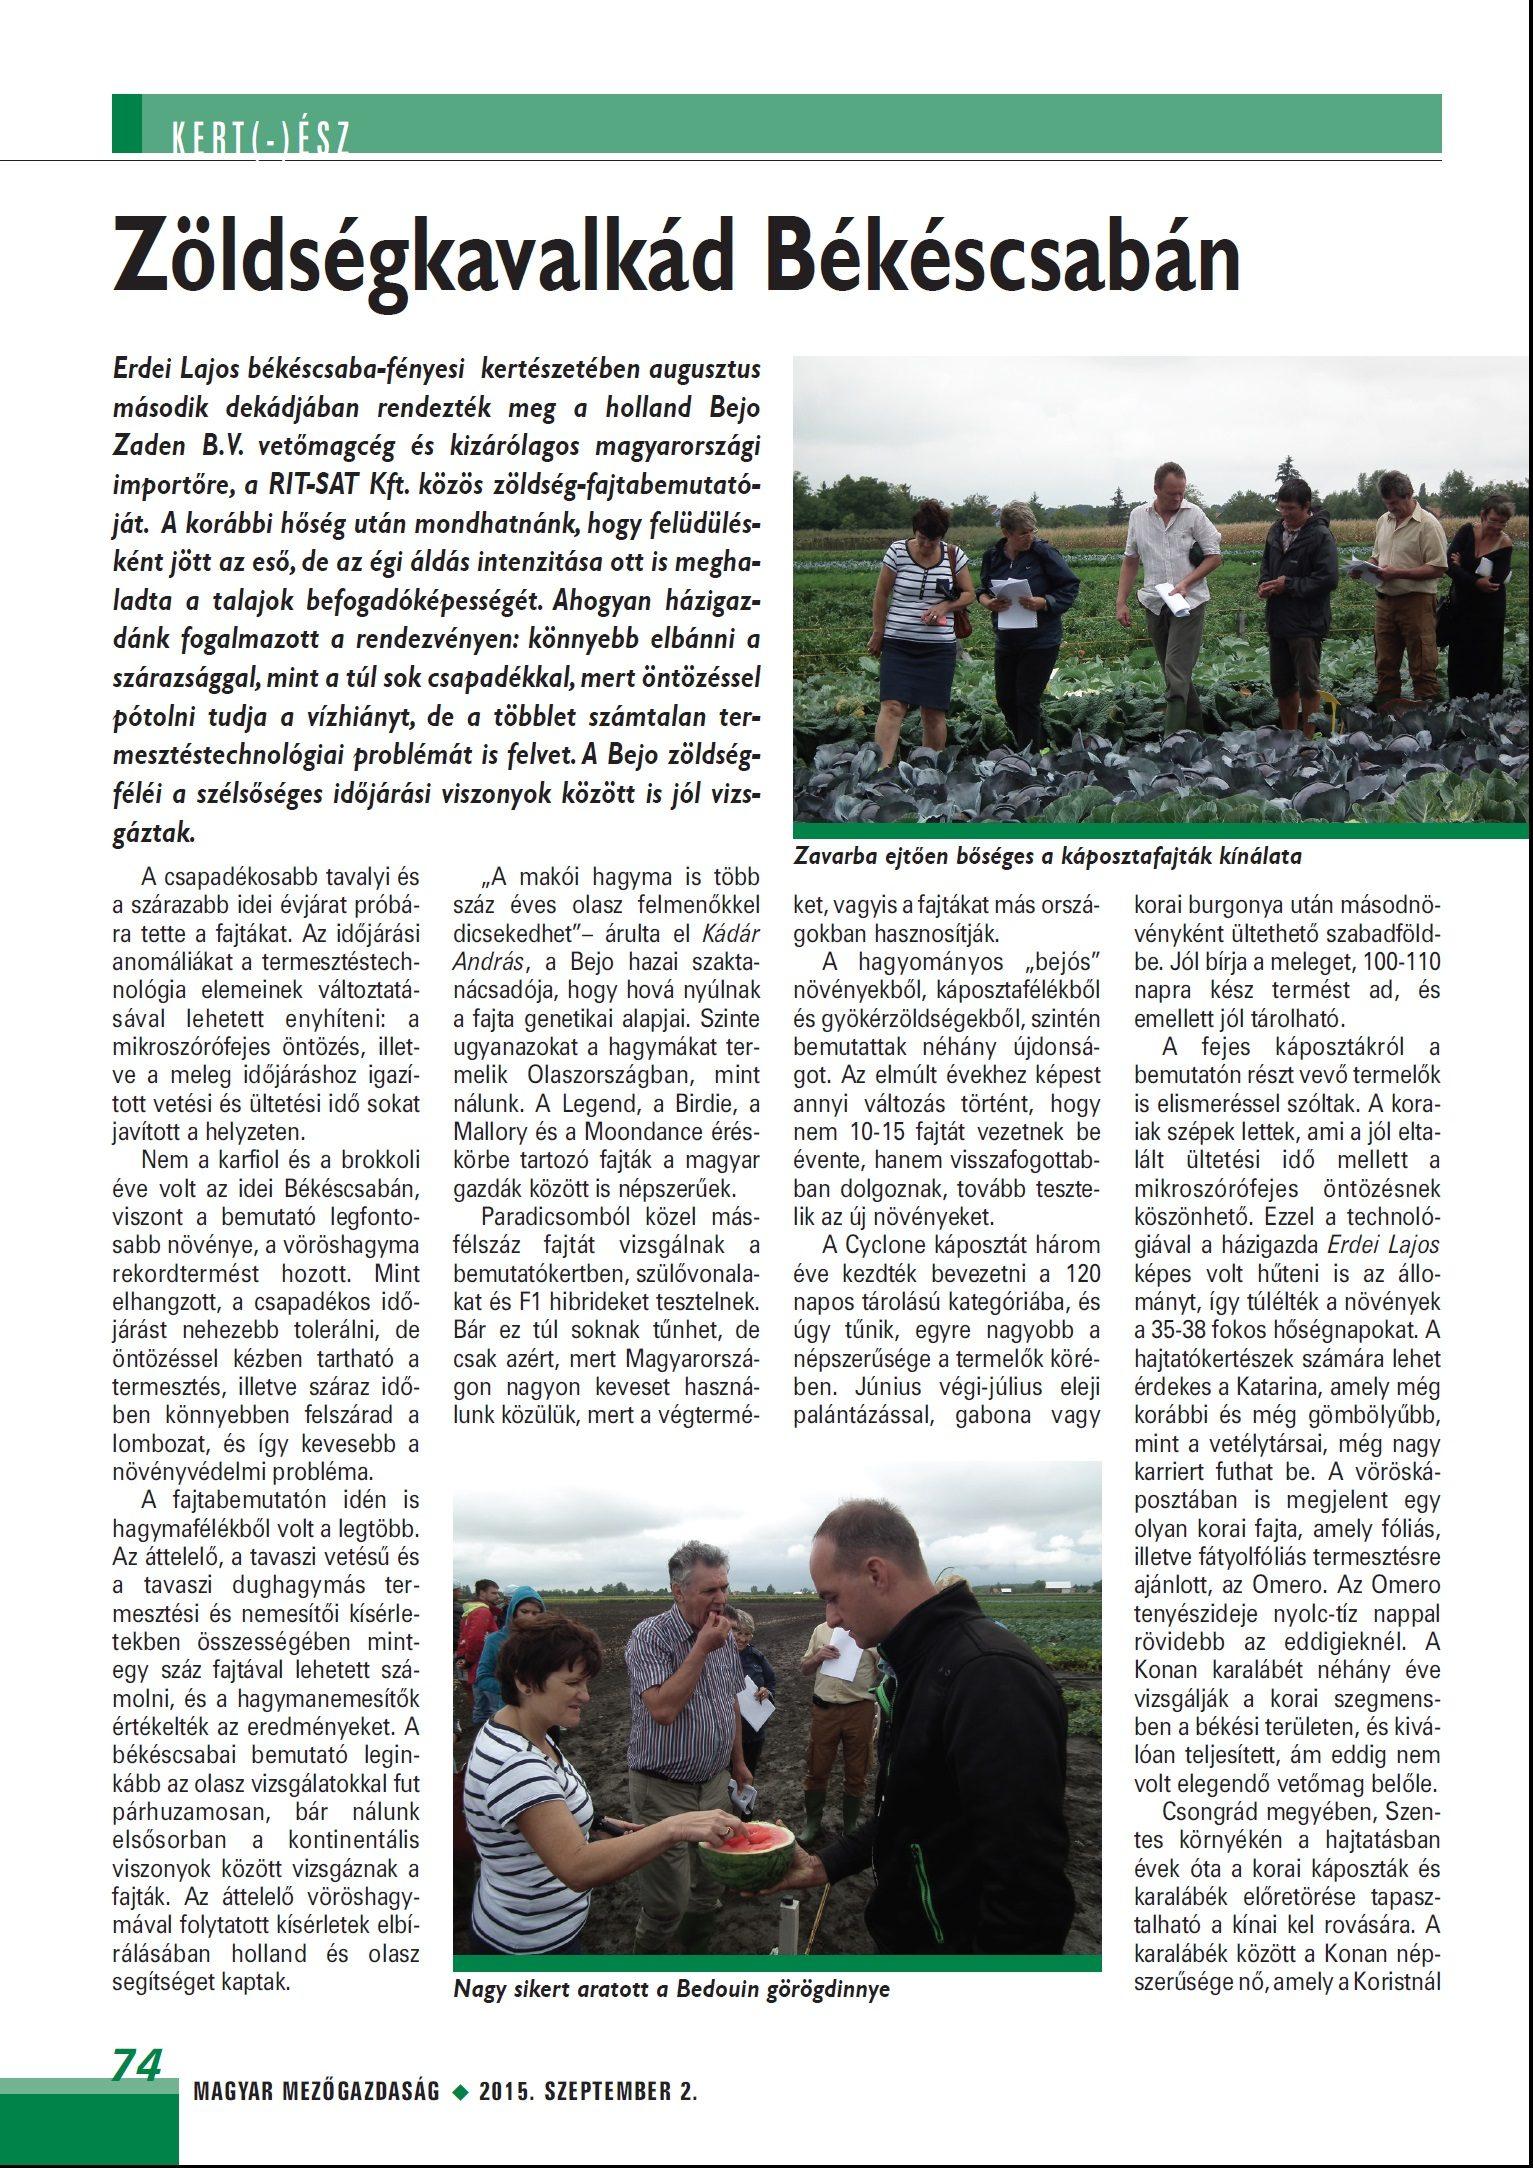 Zöldségkavalkád Békéscsabán – MMG 2015. szeptember 2.